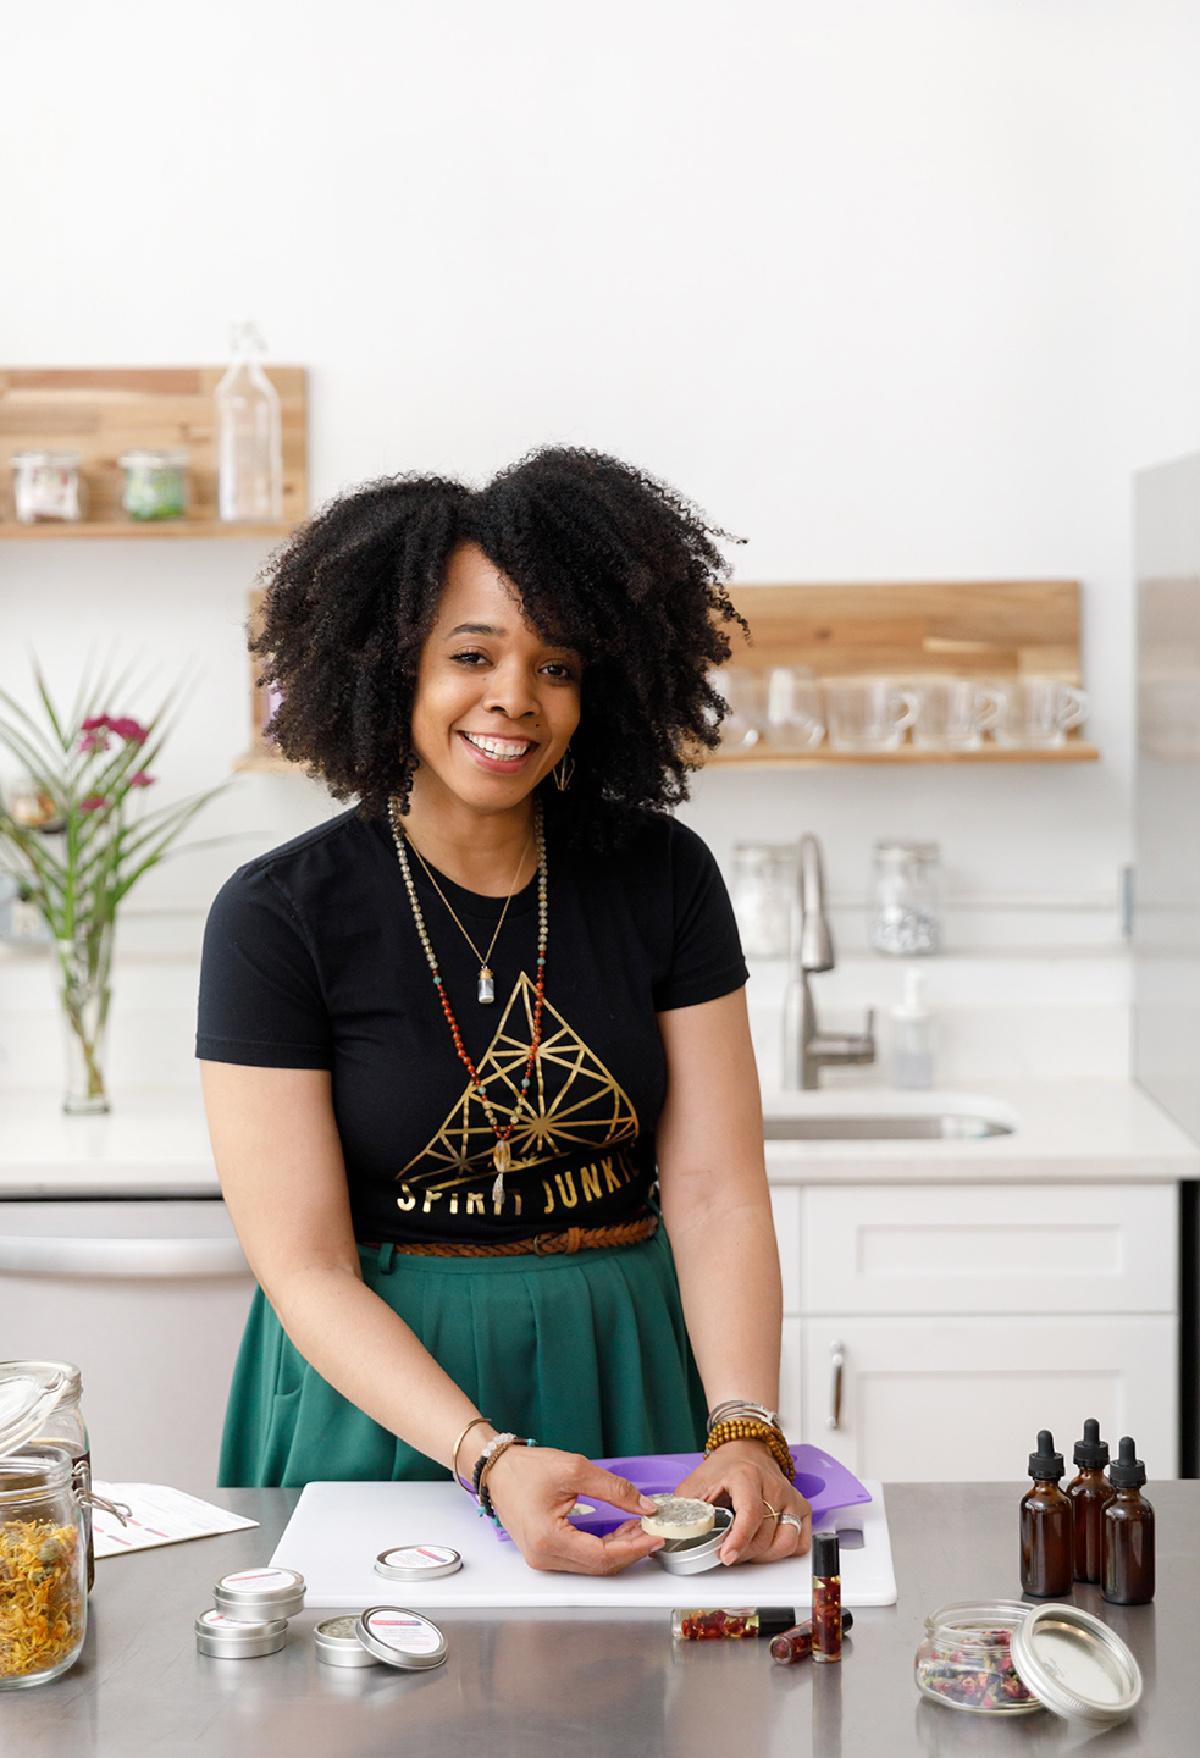 Kendra Payne making herbal preparations in her herb store